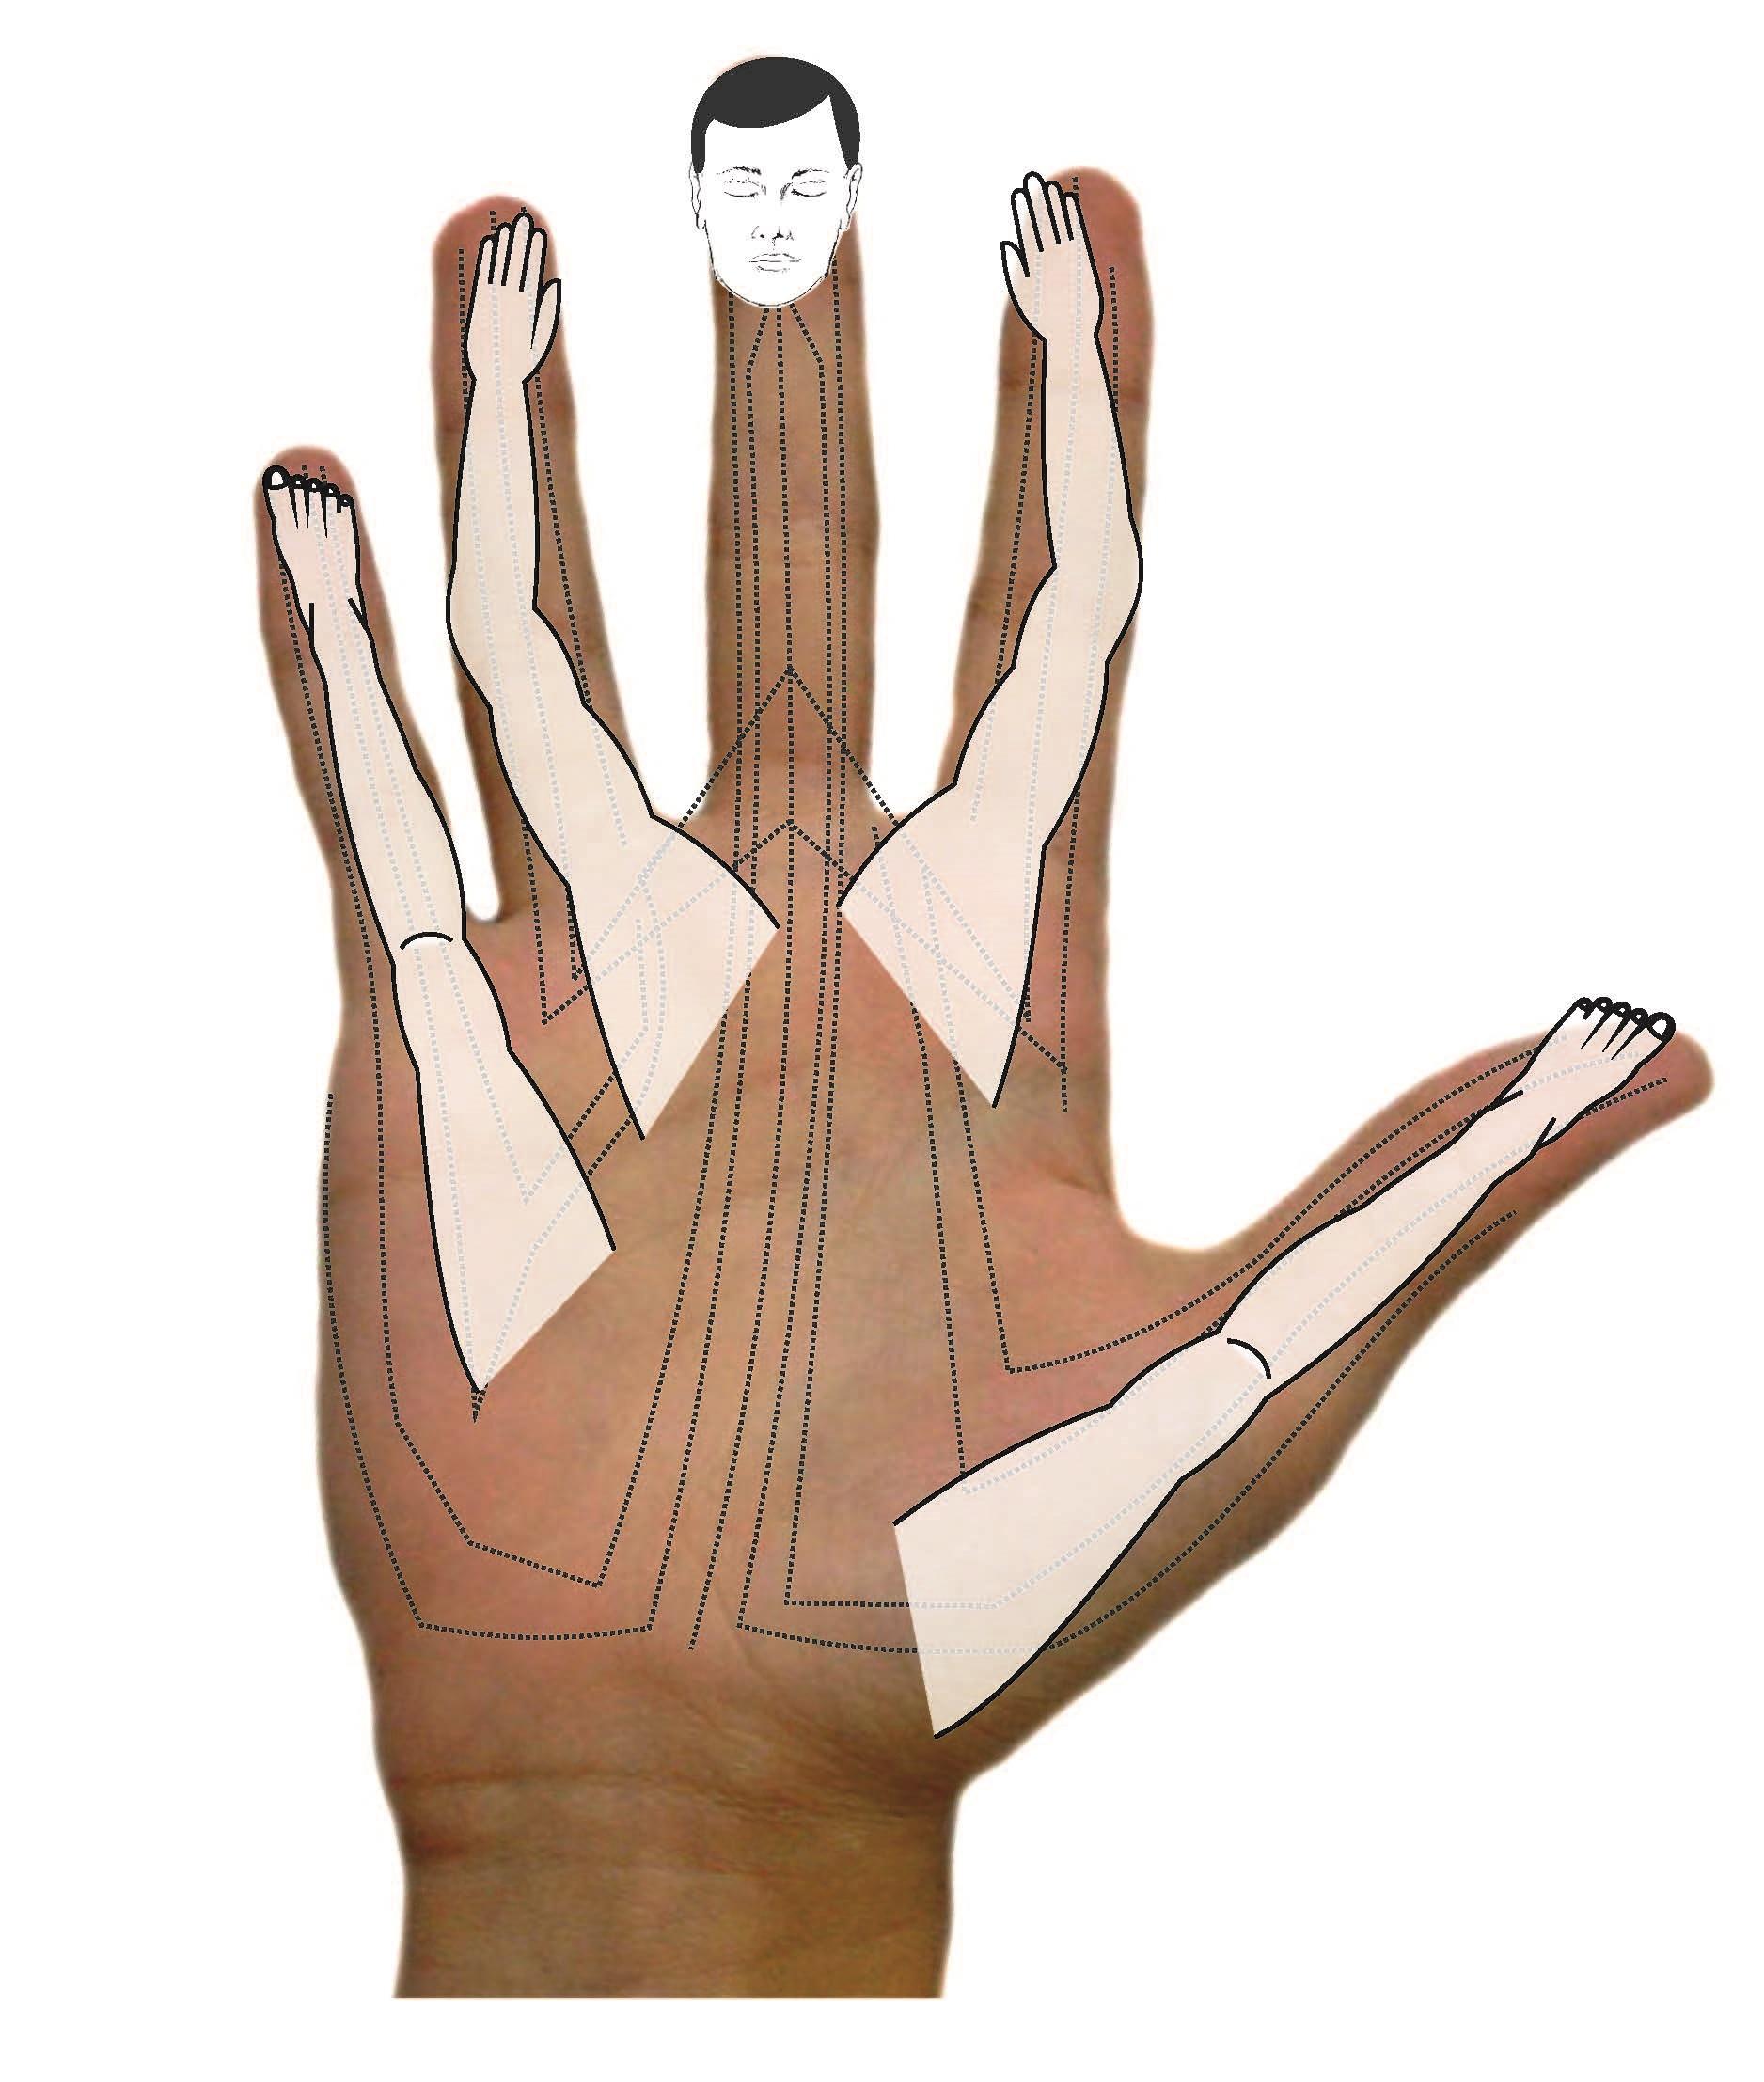 Handreflexologie klachten stress overgang Amersfoort acupunctuur